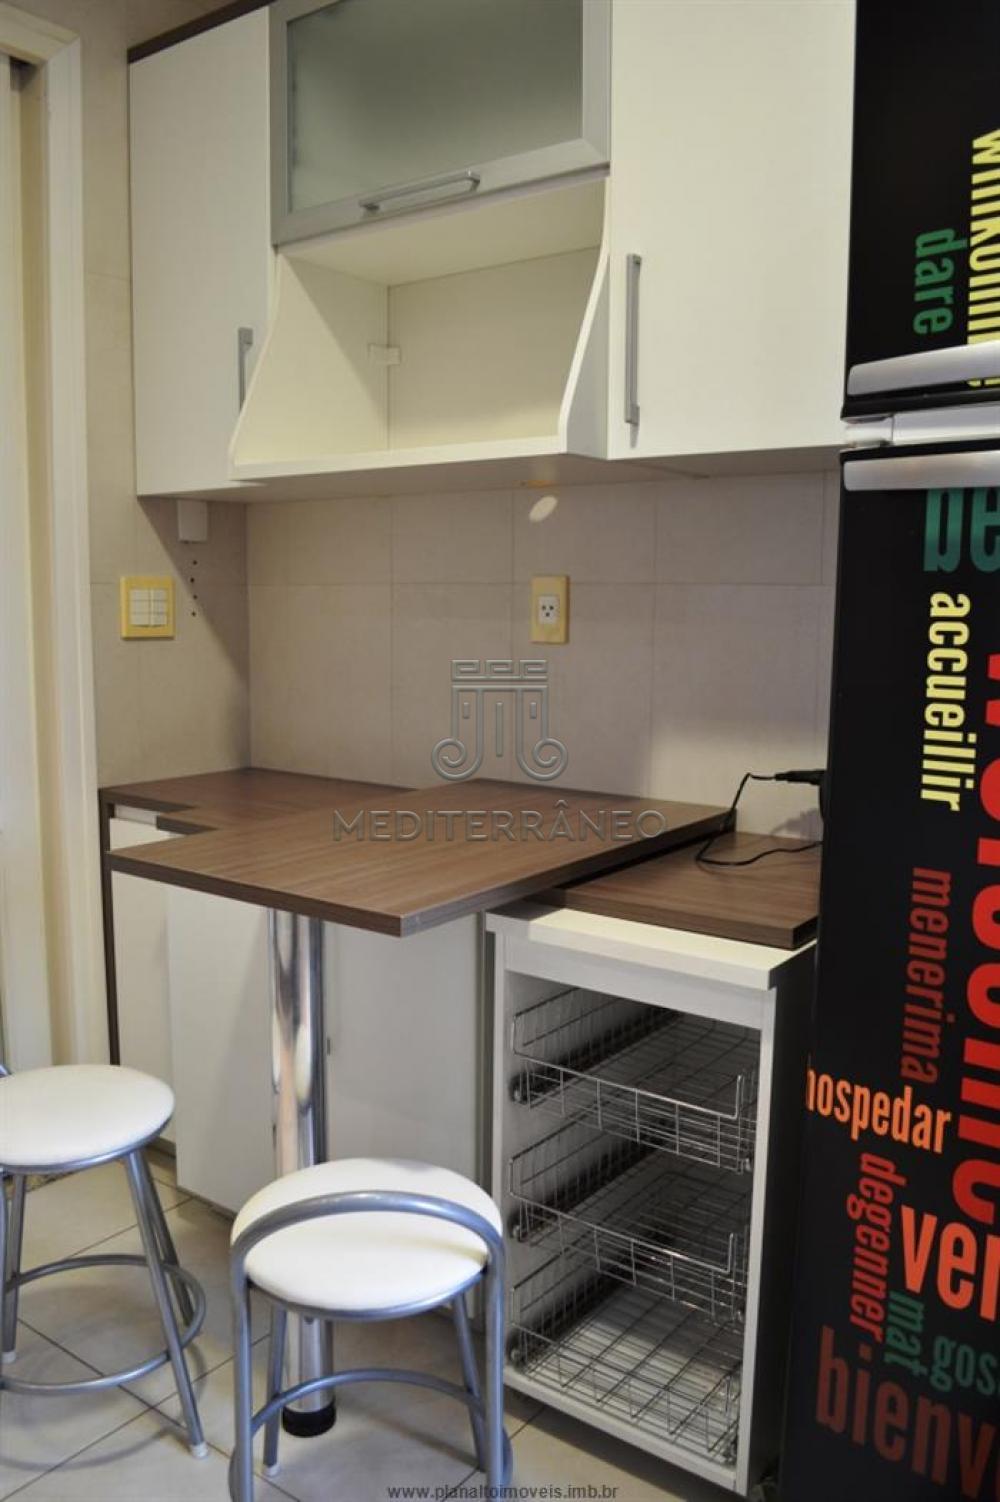 Comprar Apartamento / Padrão em Jundiaí apenas R$ 430.000,00 - Foto 8